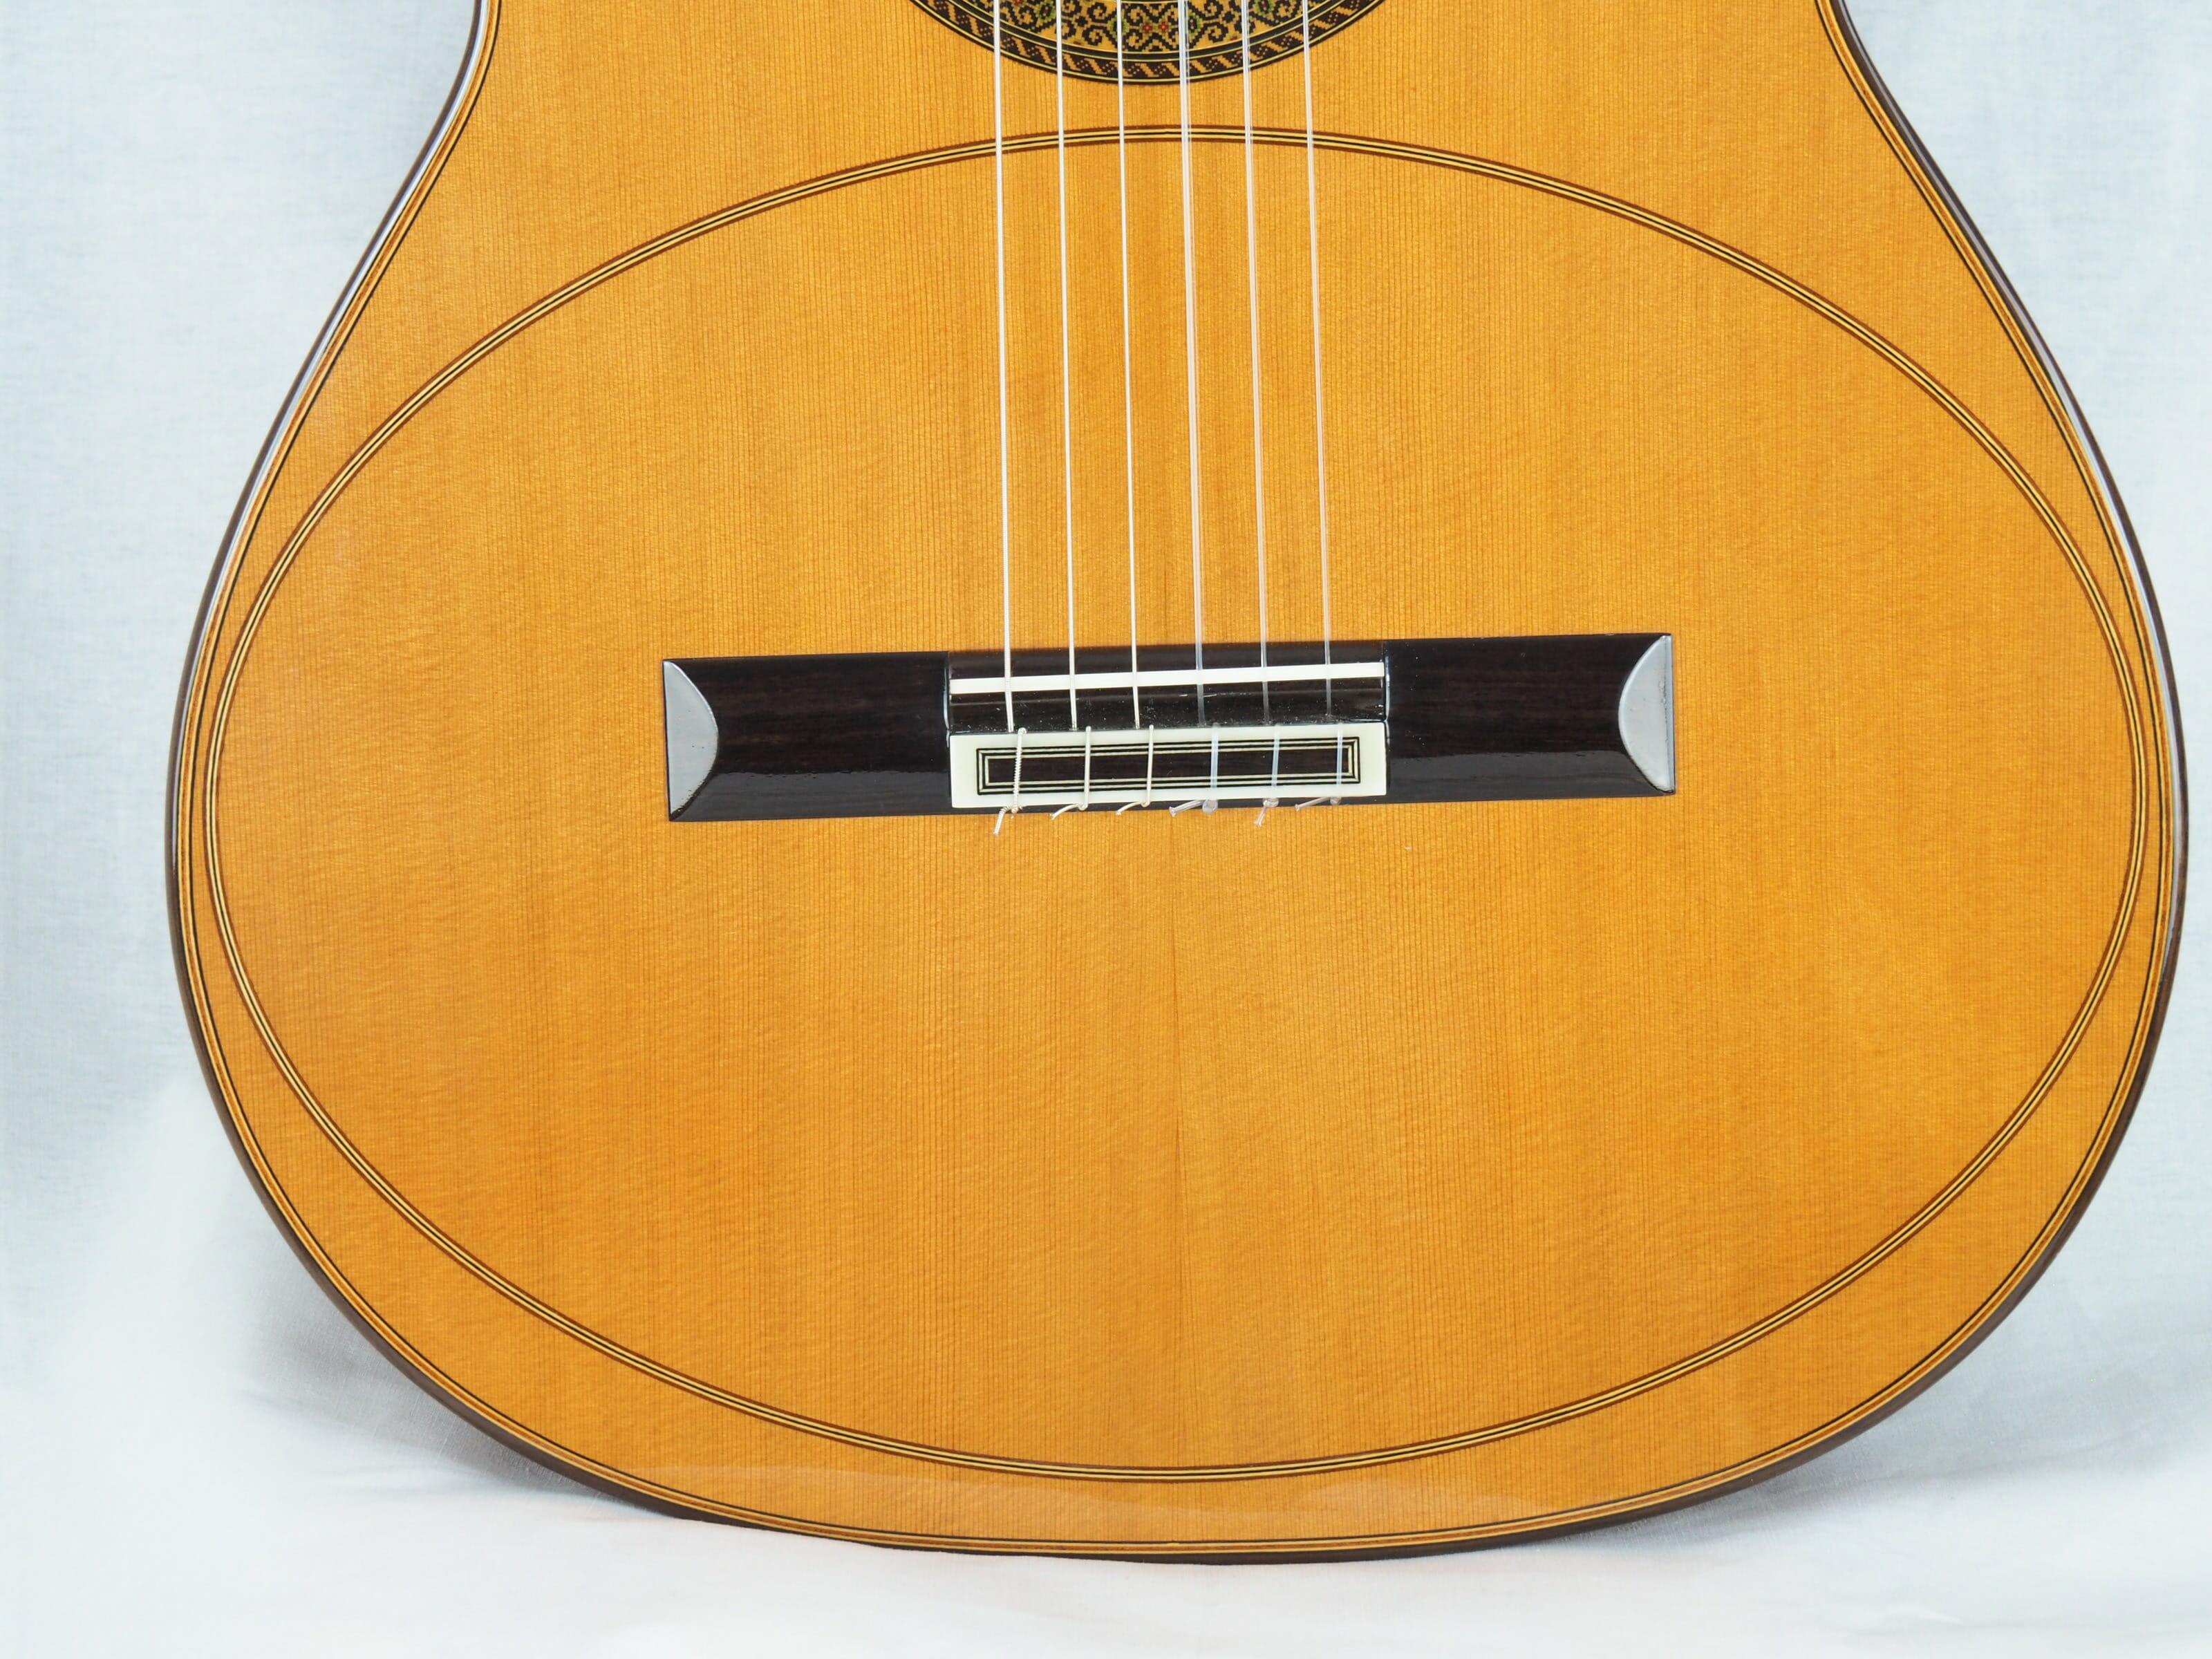 Dieter Hopf guitare luthier Artista Membrane No 19HOP163-06